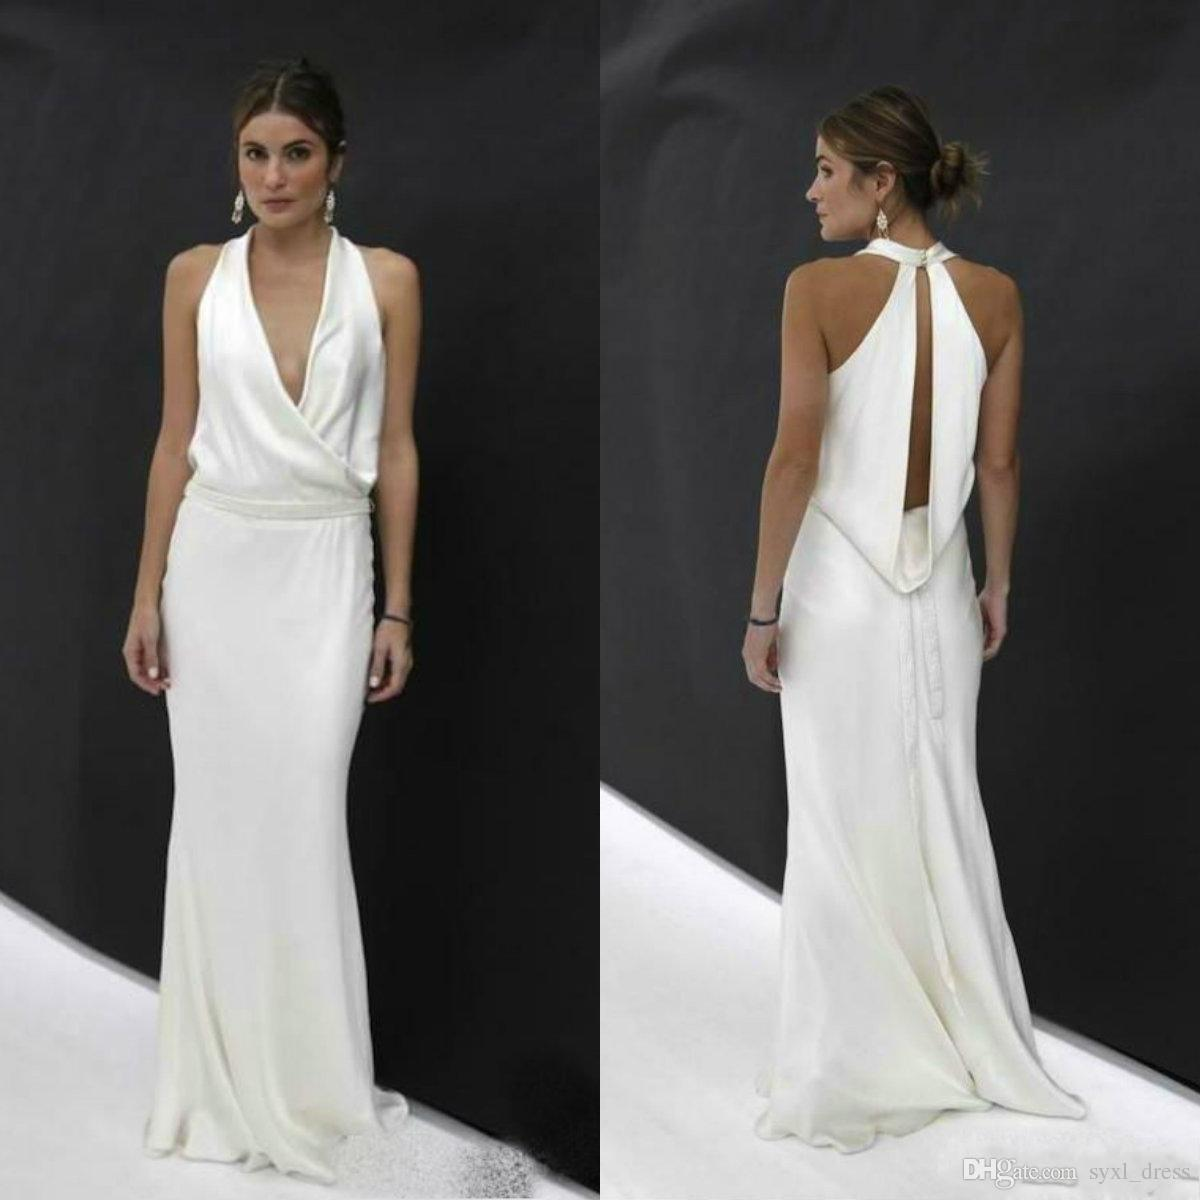 Abendkleider Vestidos de fiesta largos simple white evening gowns engagement prom dresses cocktail party dresses vestidos de novia